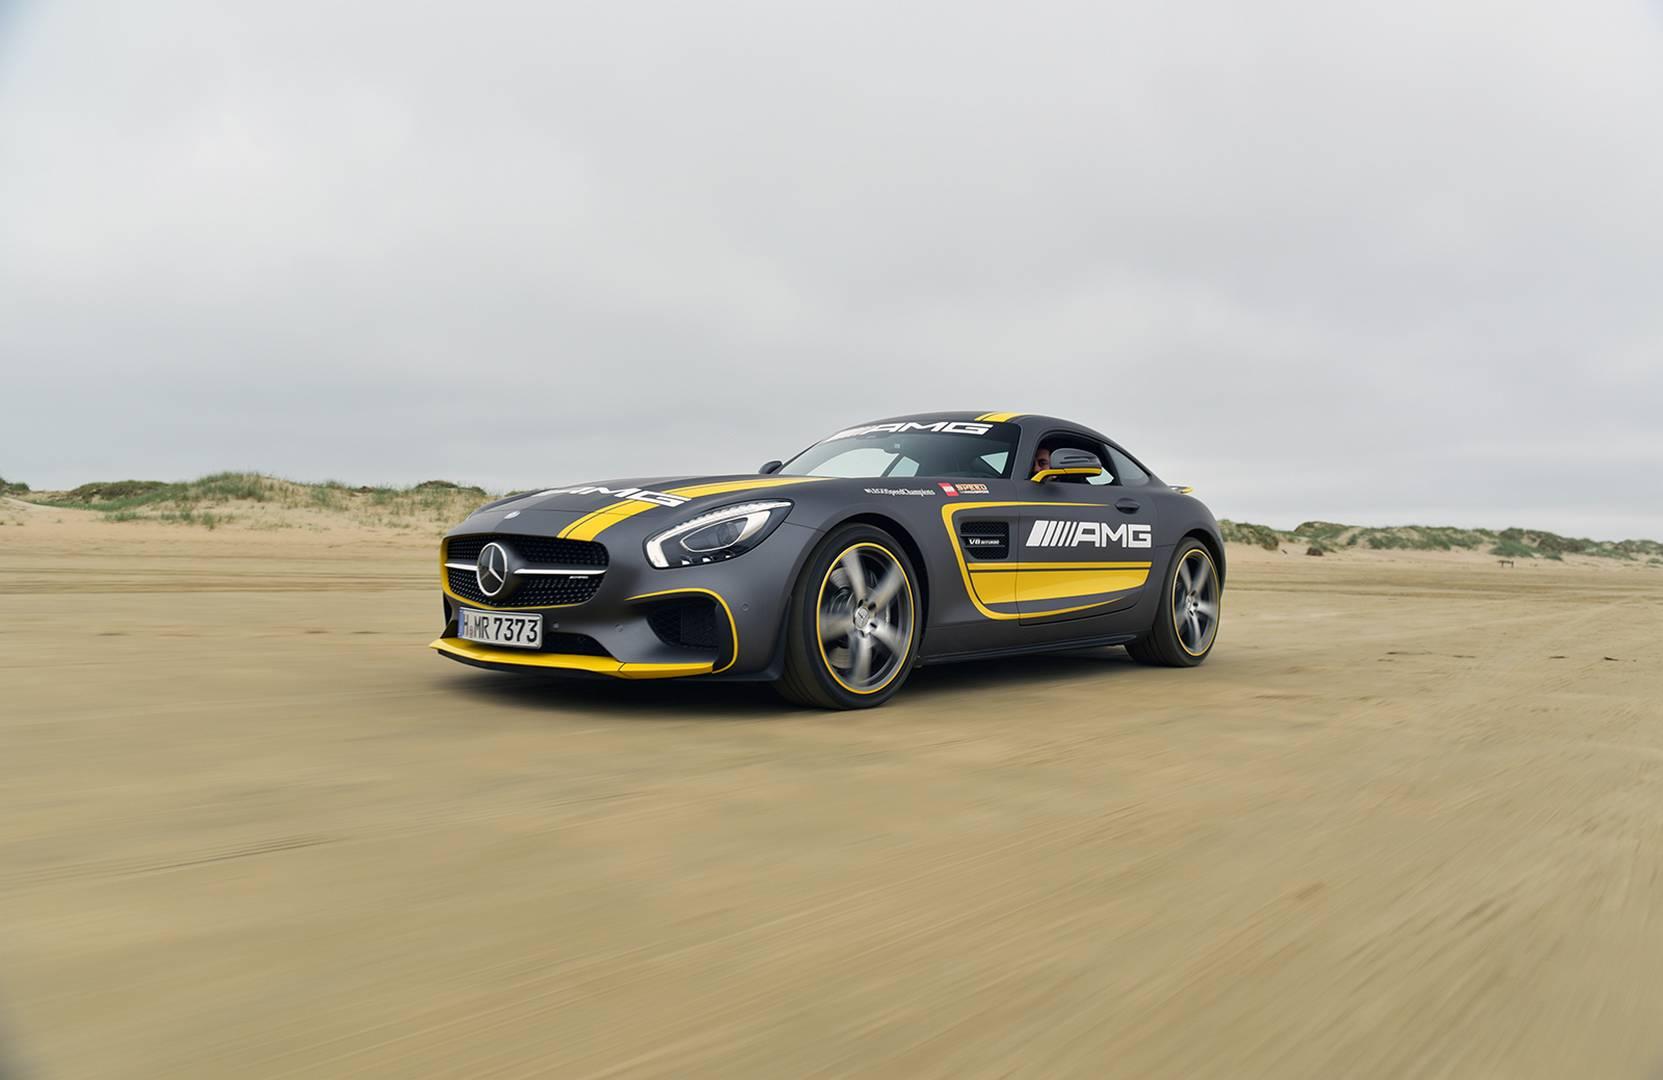 Benz Drift Car >> Mercedes-AMG Lego Speed Champions Journey to Billund - GTspirit